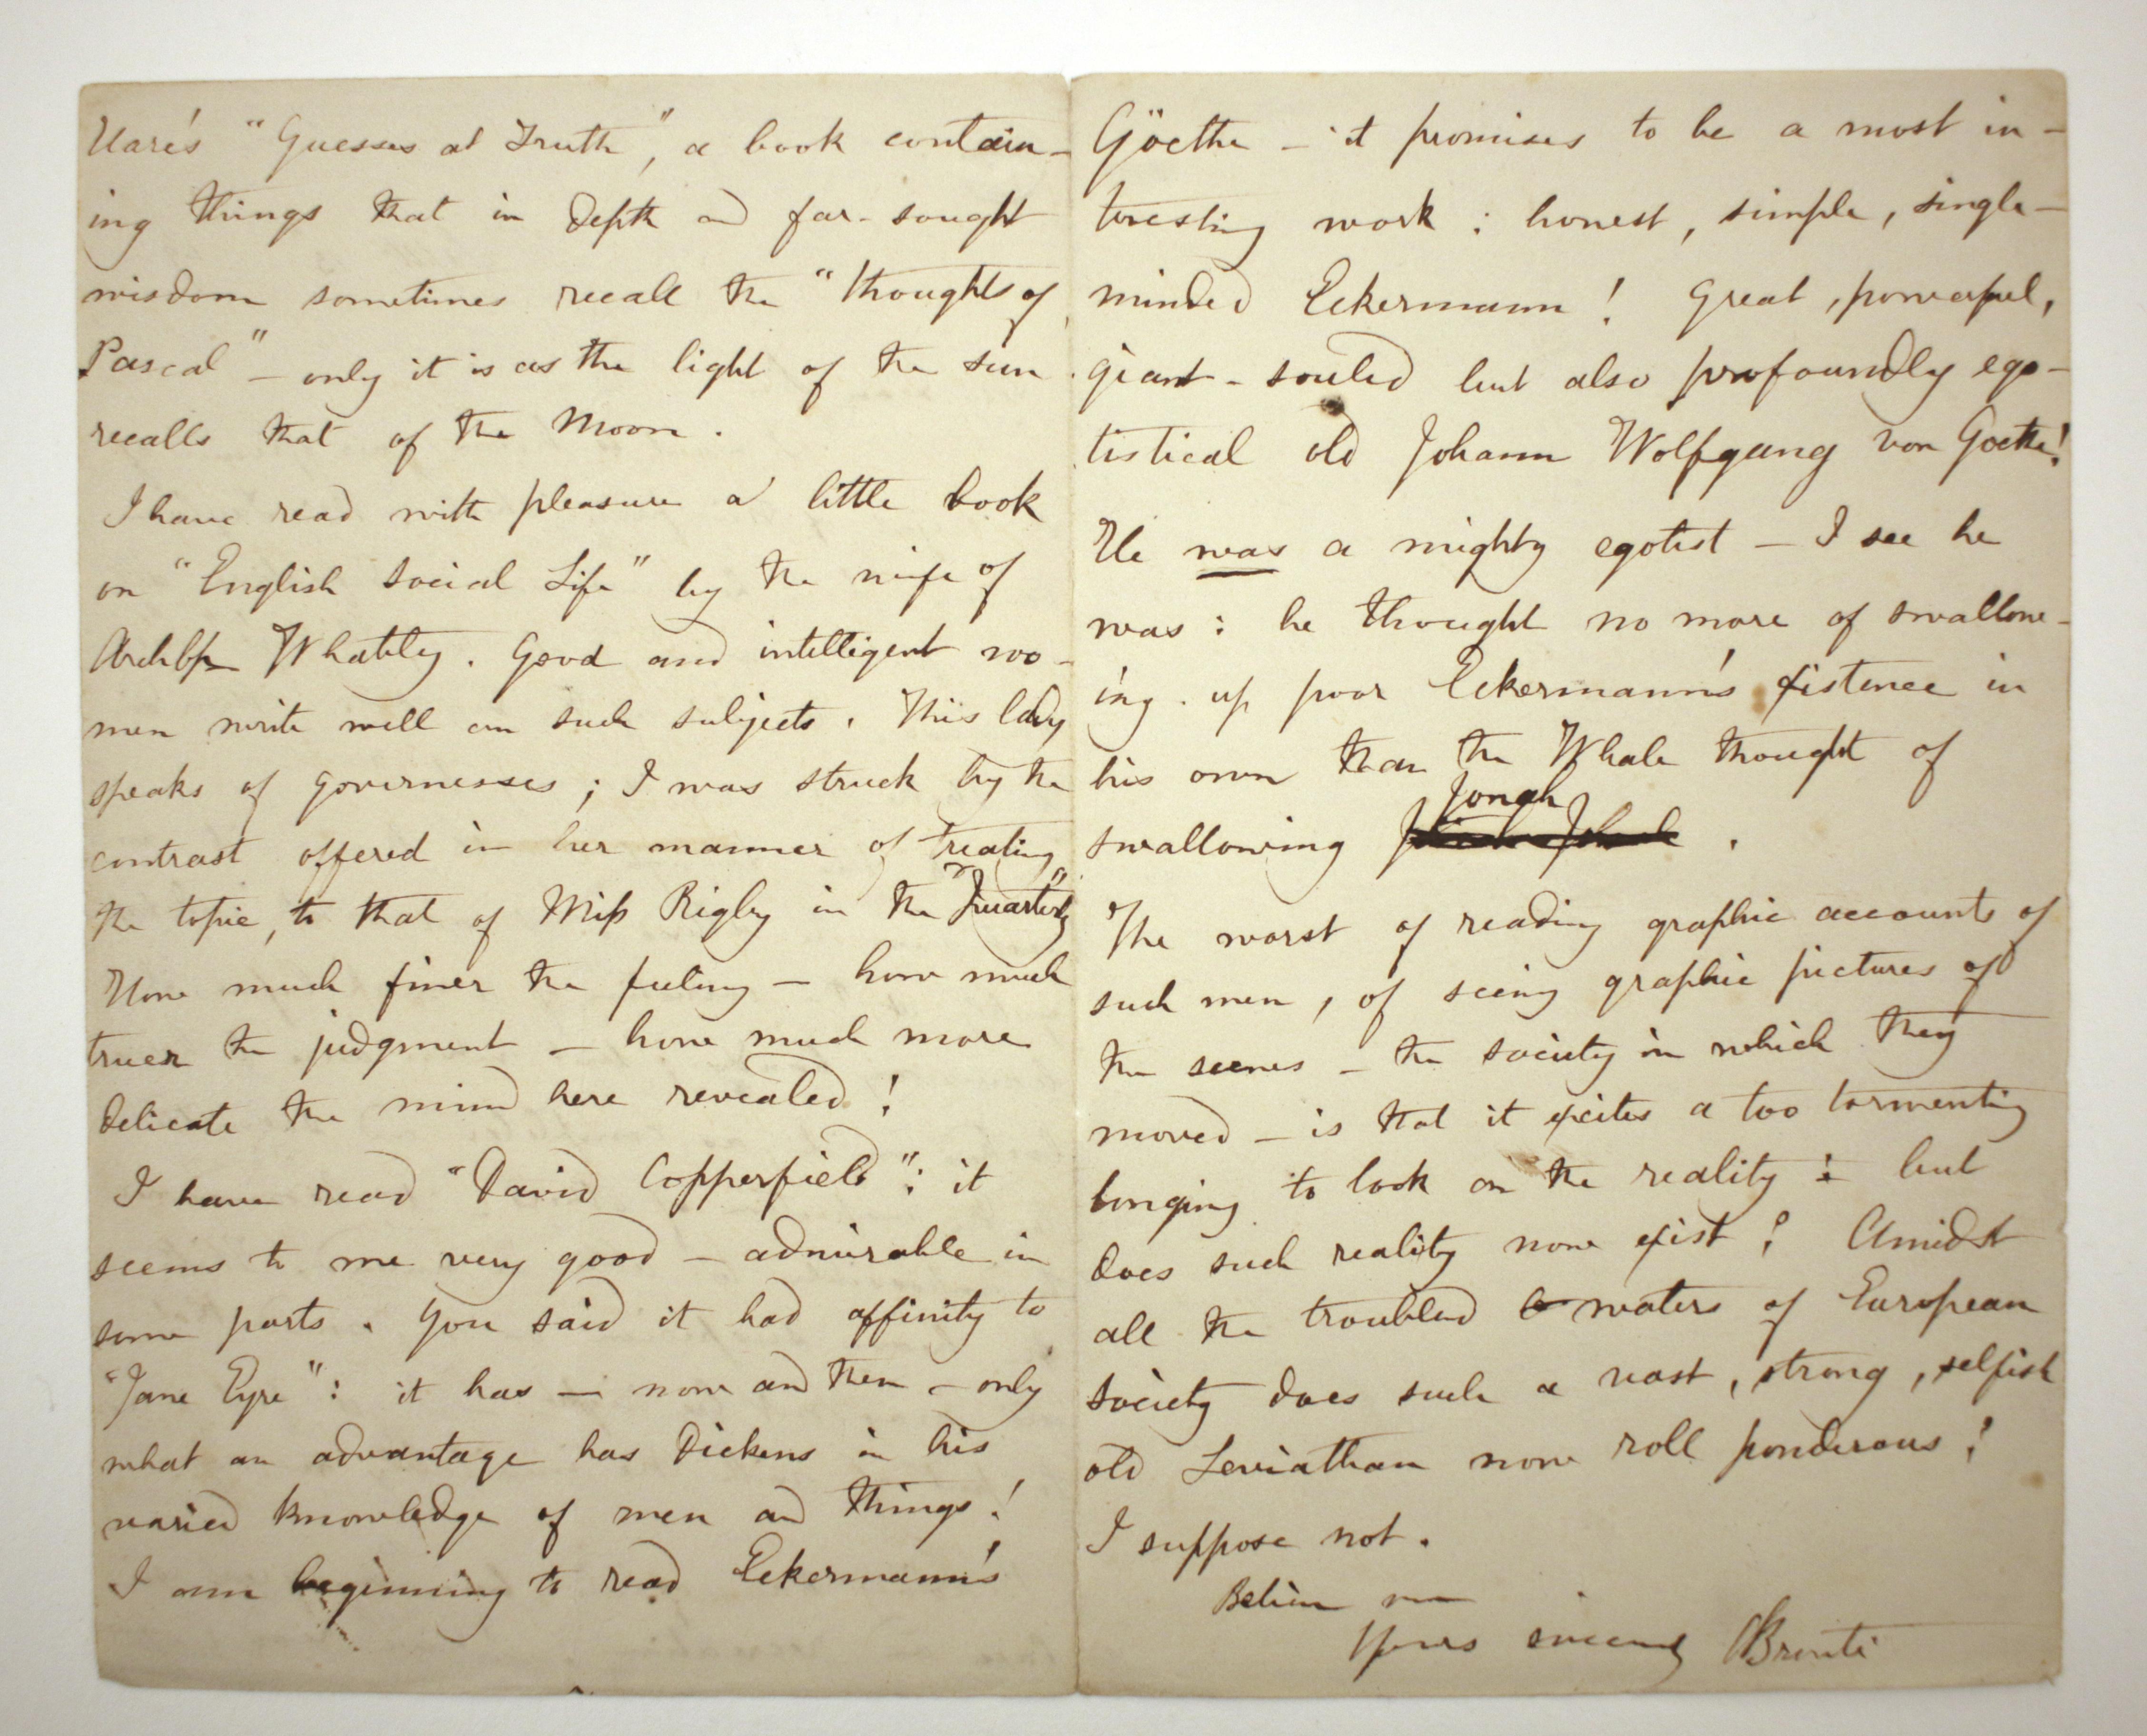 Brontë Letter, September 13, 1849, 2